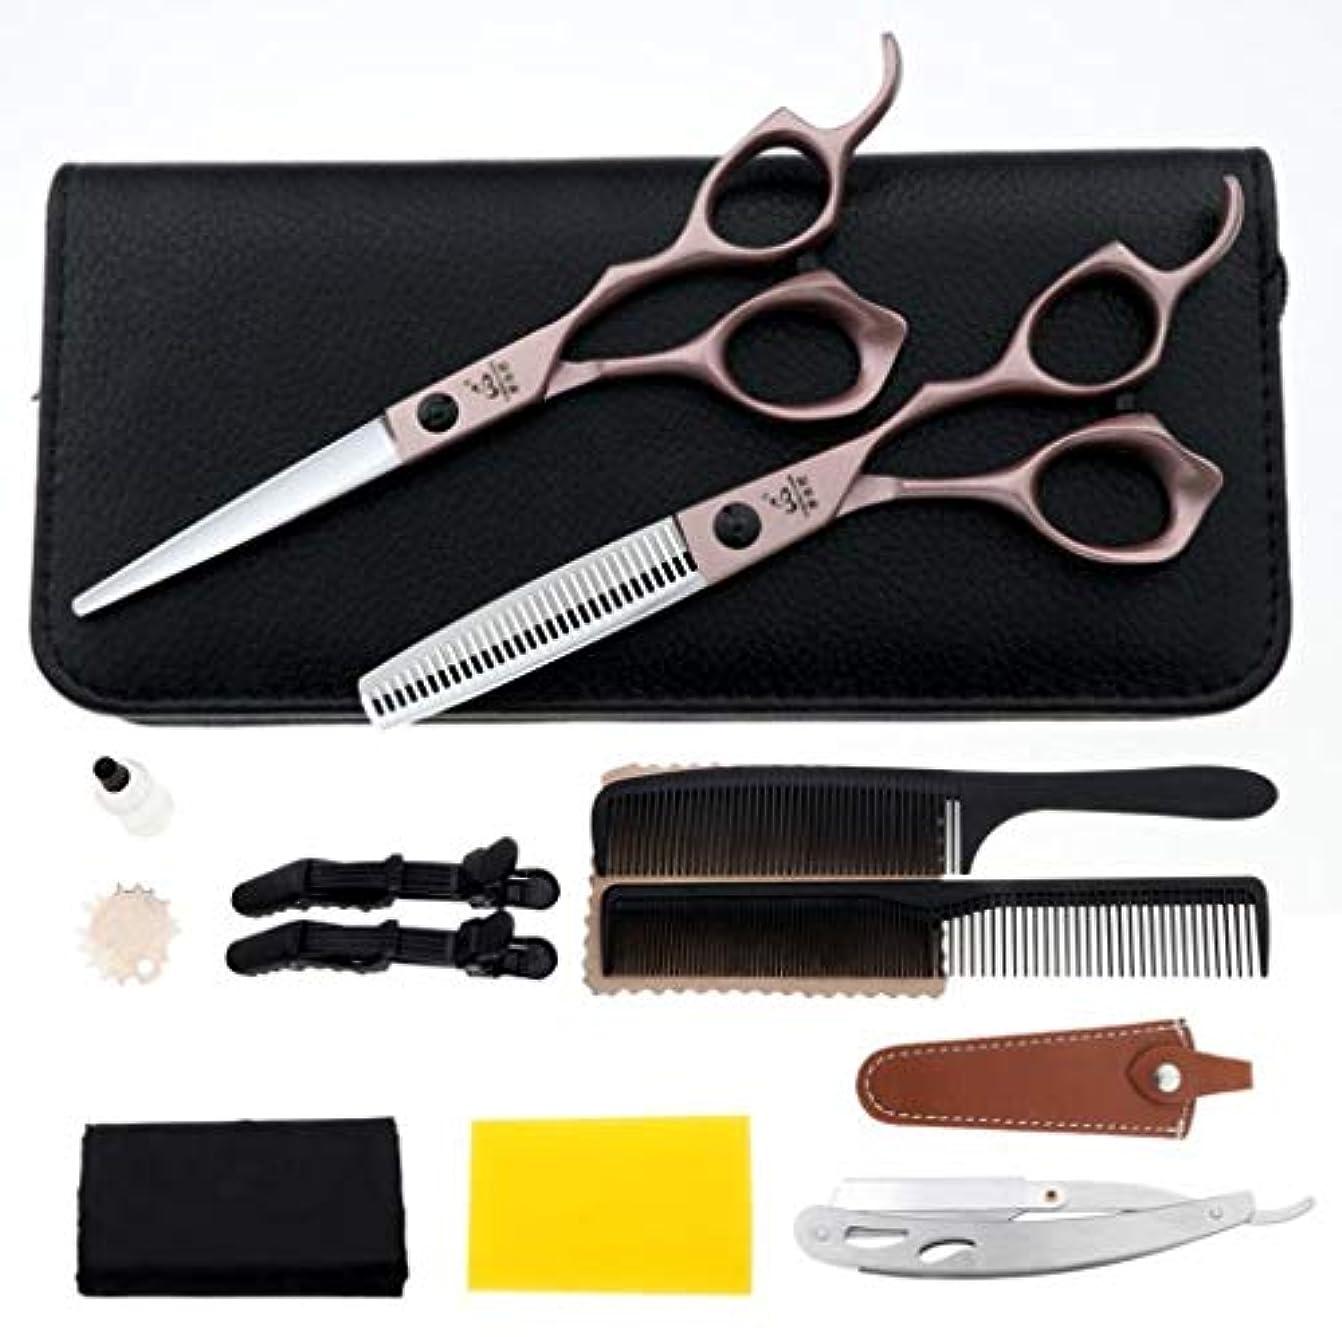 ランチョンレキシコン優れた6インチプロフェッショナル理容理髪理髪はさみセットは、理髪かみそりせん断、間伐はさみ、髪の毛の櫛とはさみケース付きステンレス鋼かみそりが含まれています